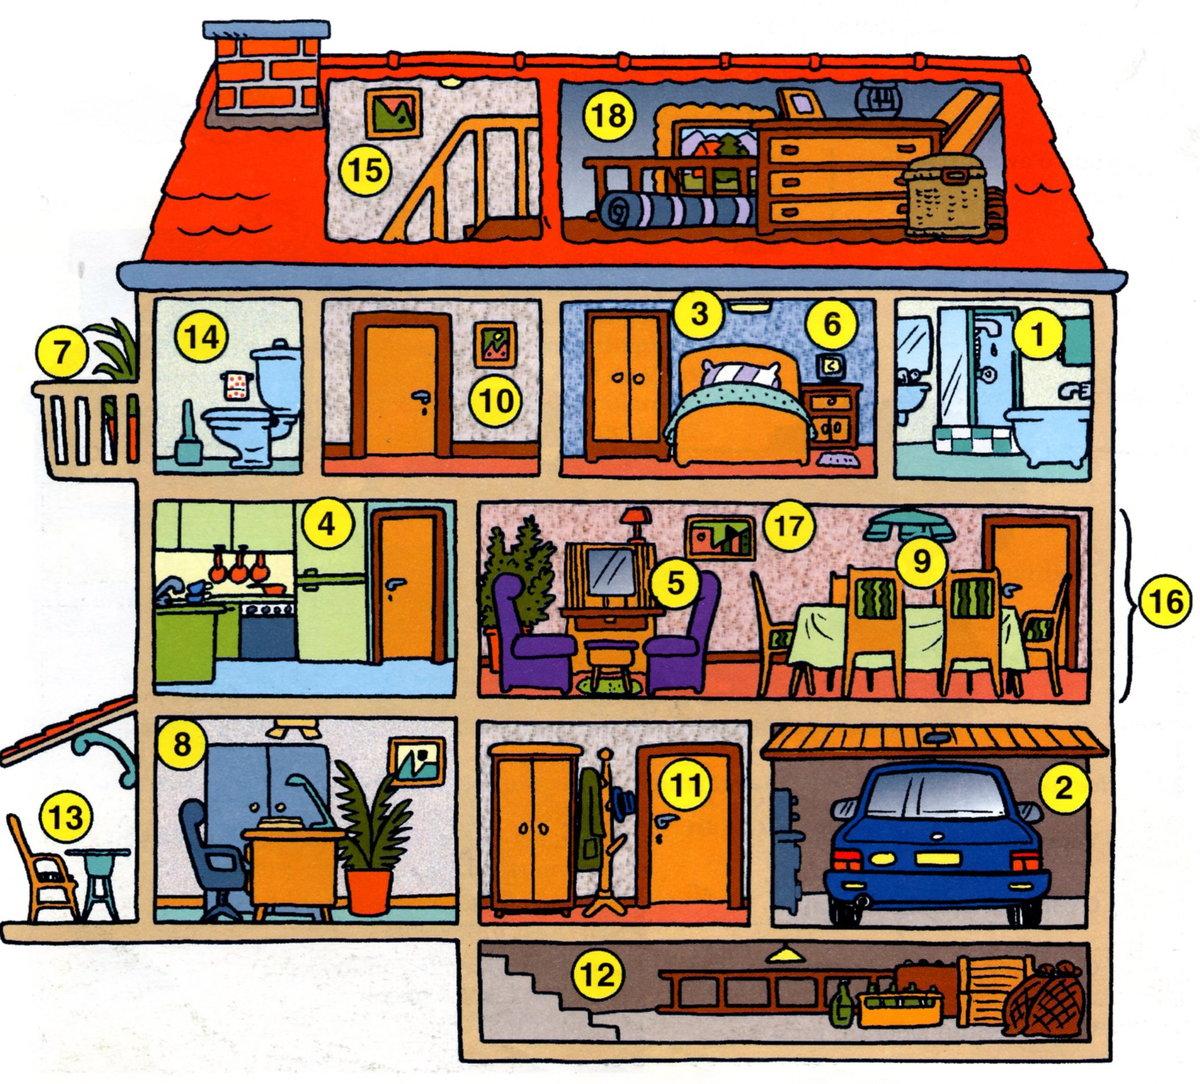 картинки по теме мой дом квартира предлагают